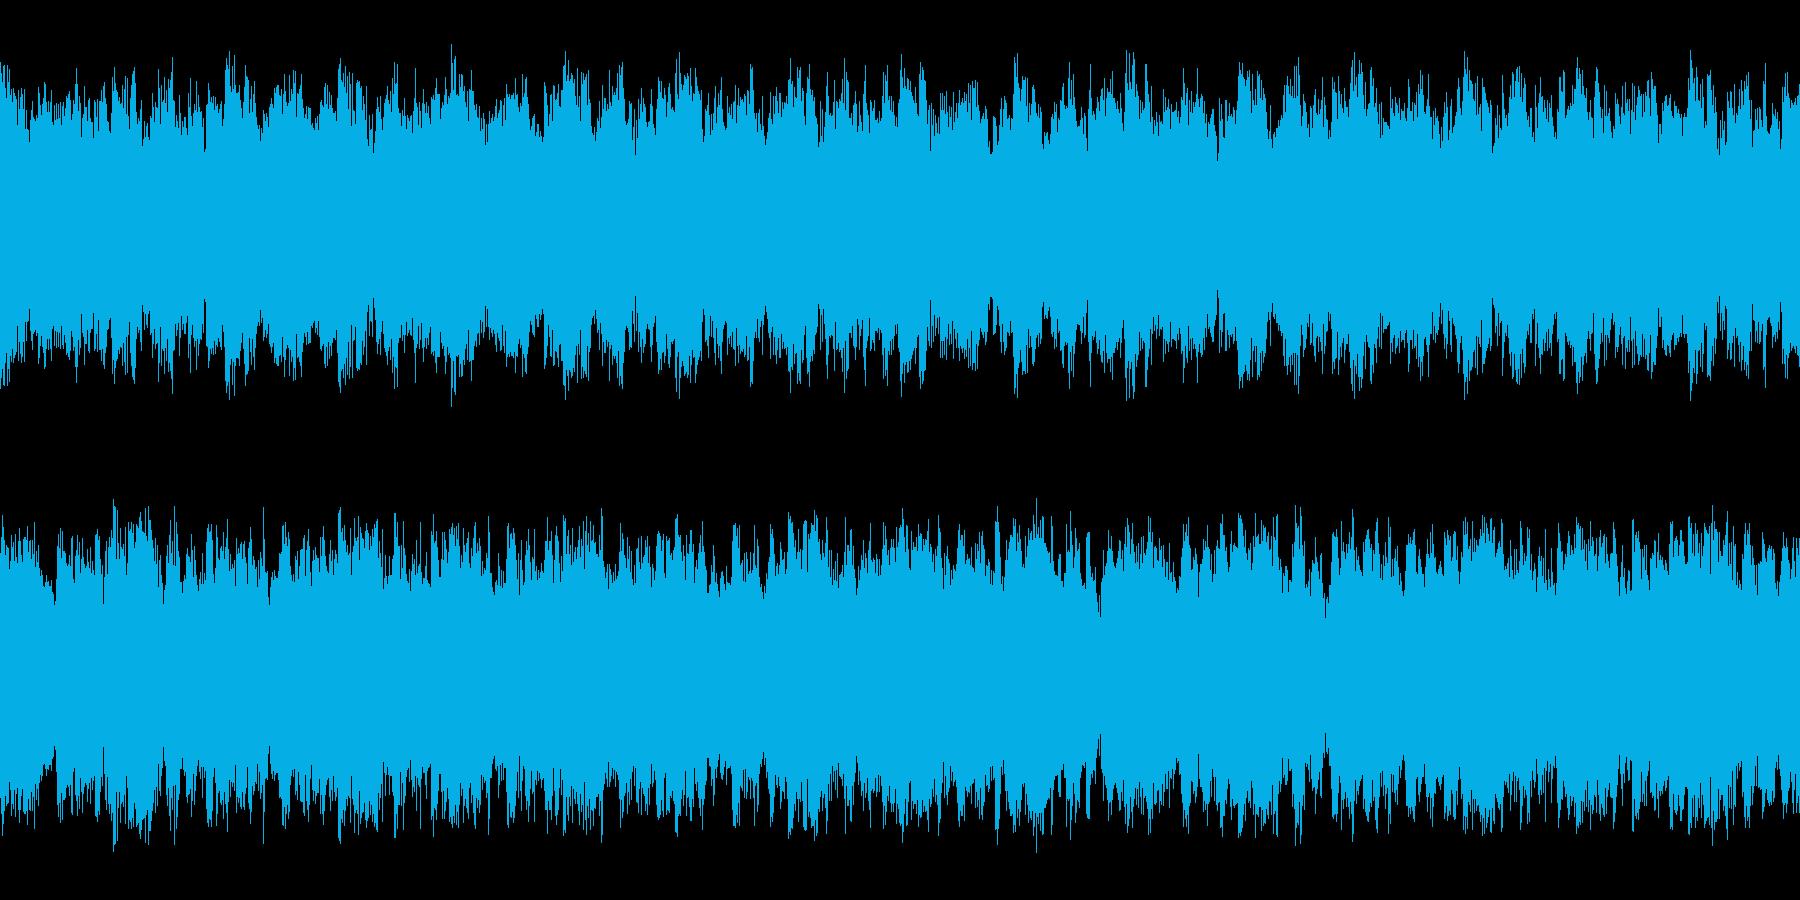 マップ画面・森洞窟・単調ループ・ピアノの再生済みの波形